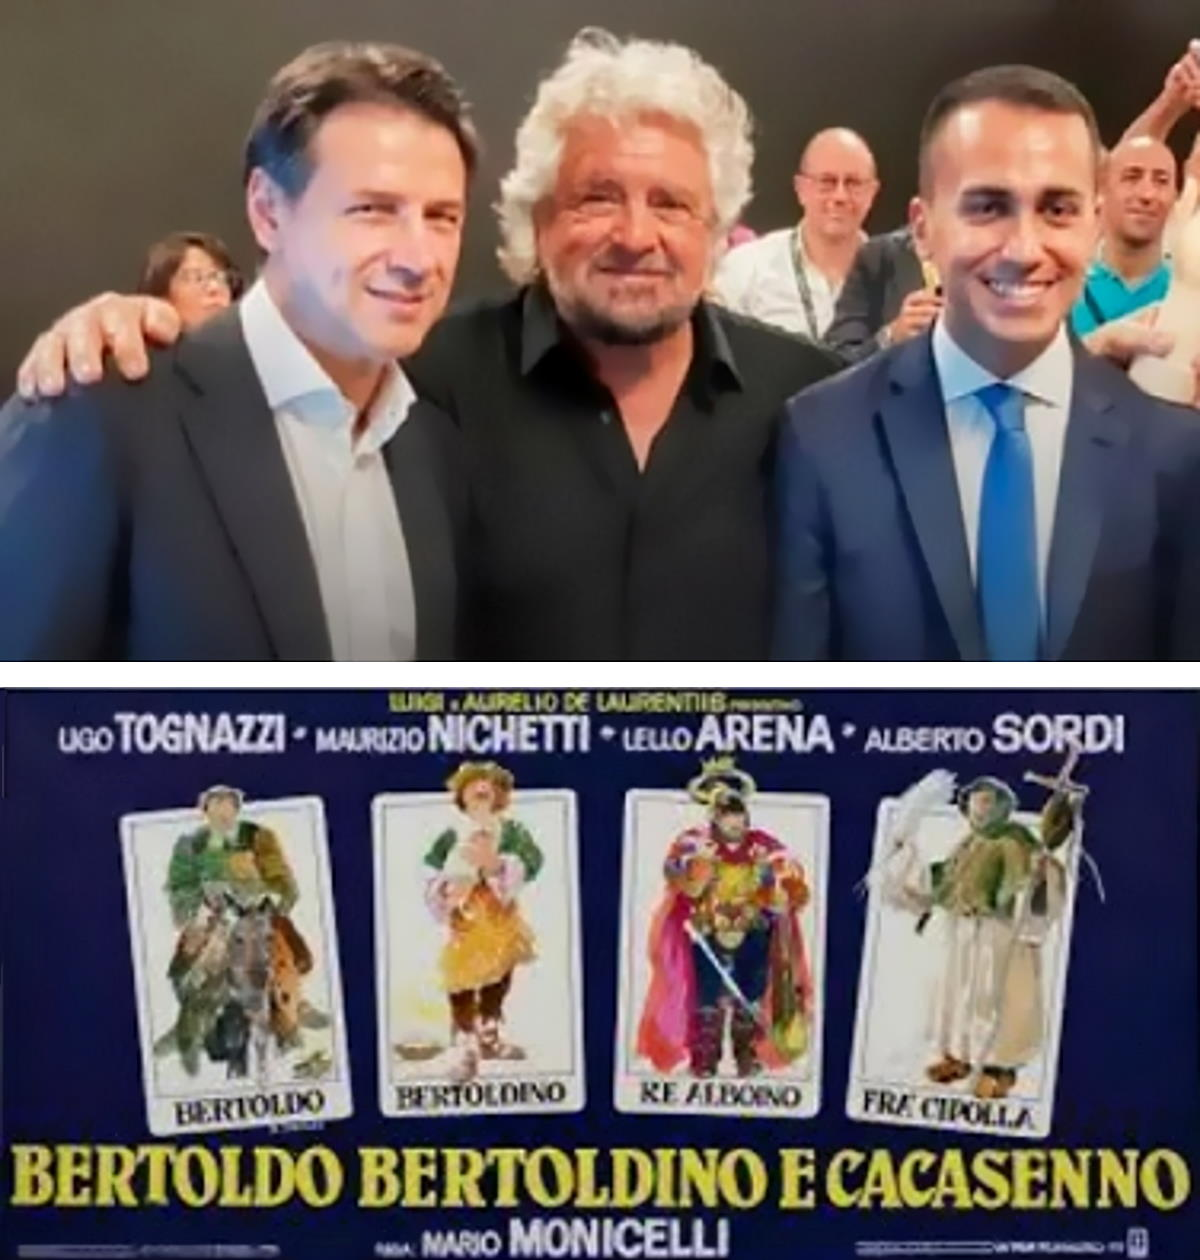 I Bertoldo, Bertoldino e Cacasenno della politica italiana